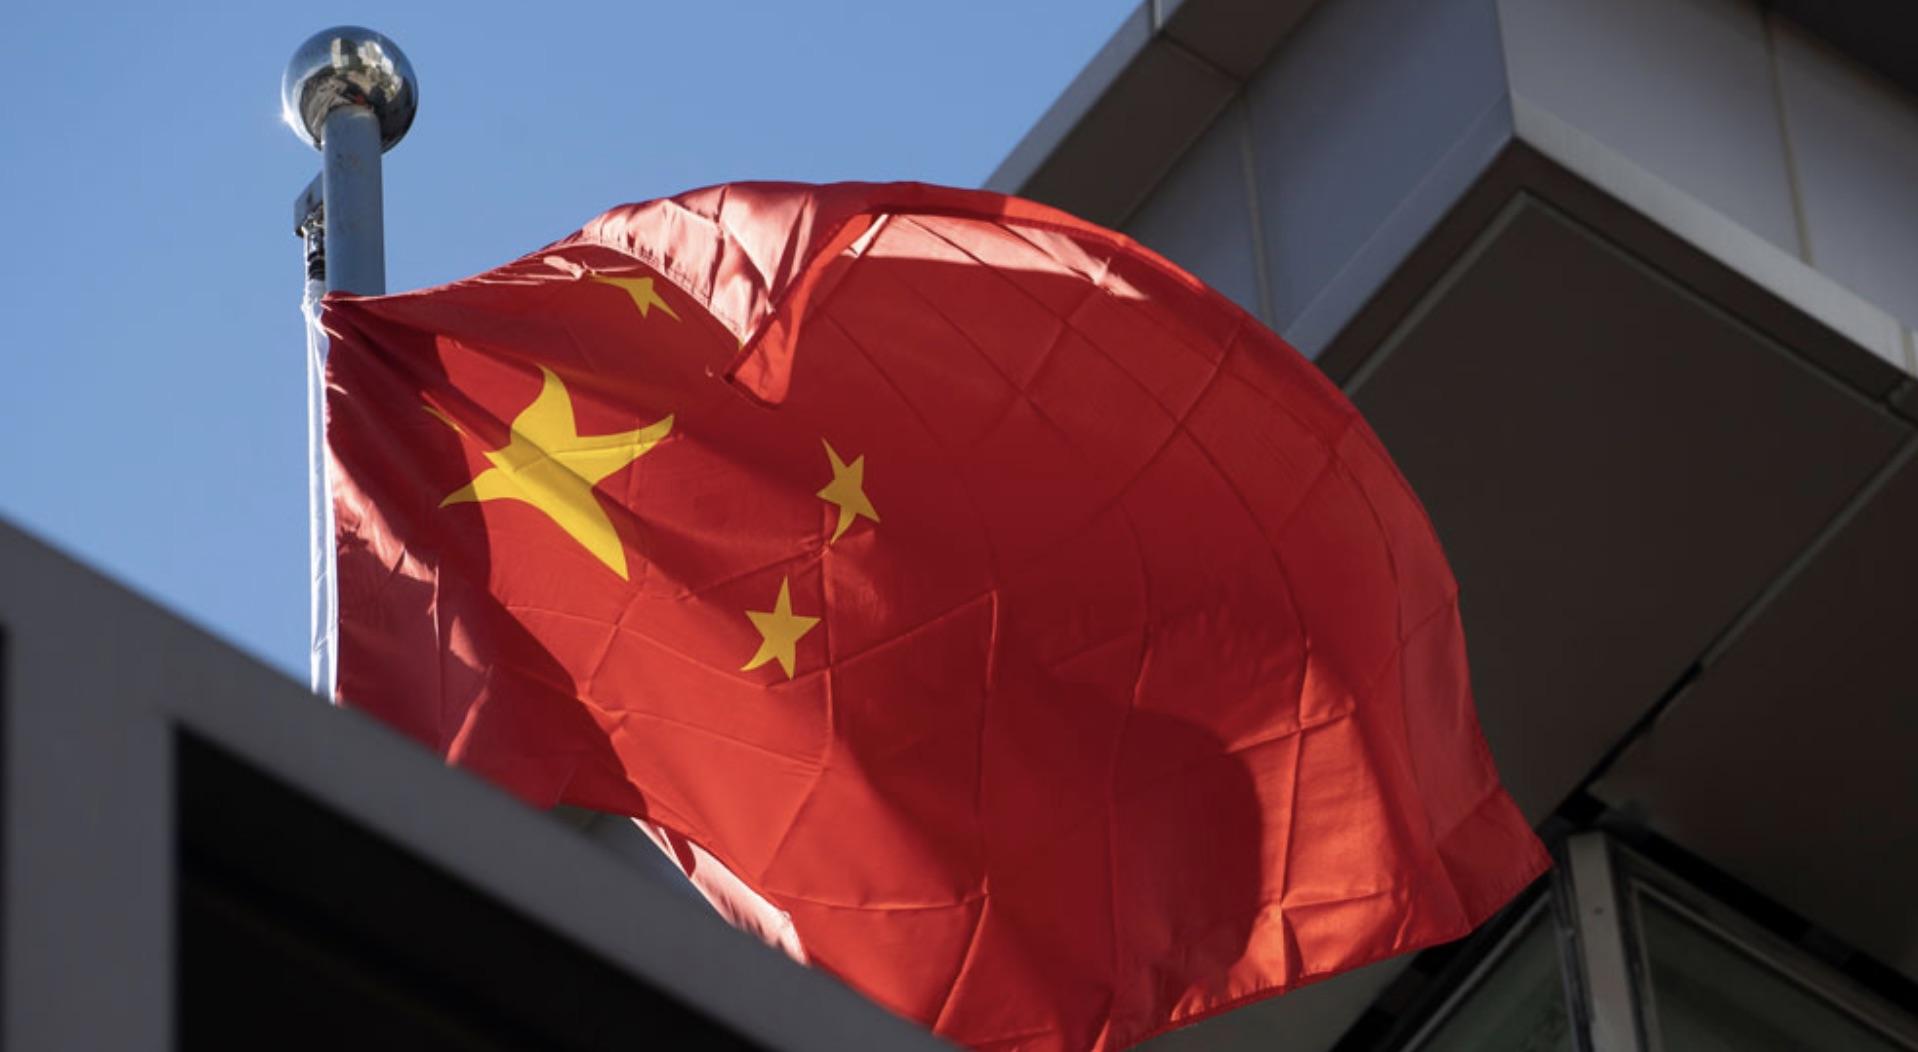 China, Bandera china, Espionaje, Hong Kong, Taiwan, Propaganda china, Pekín